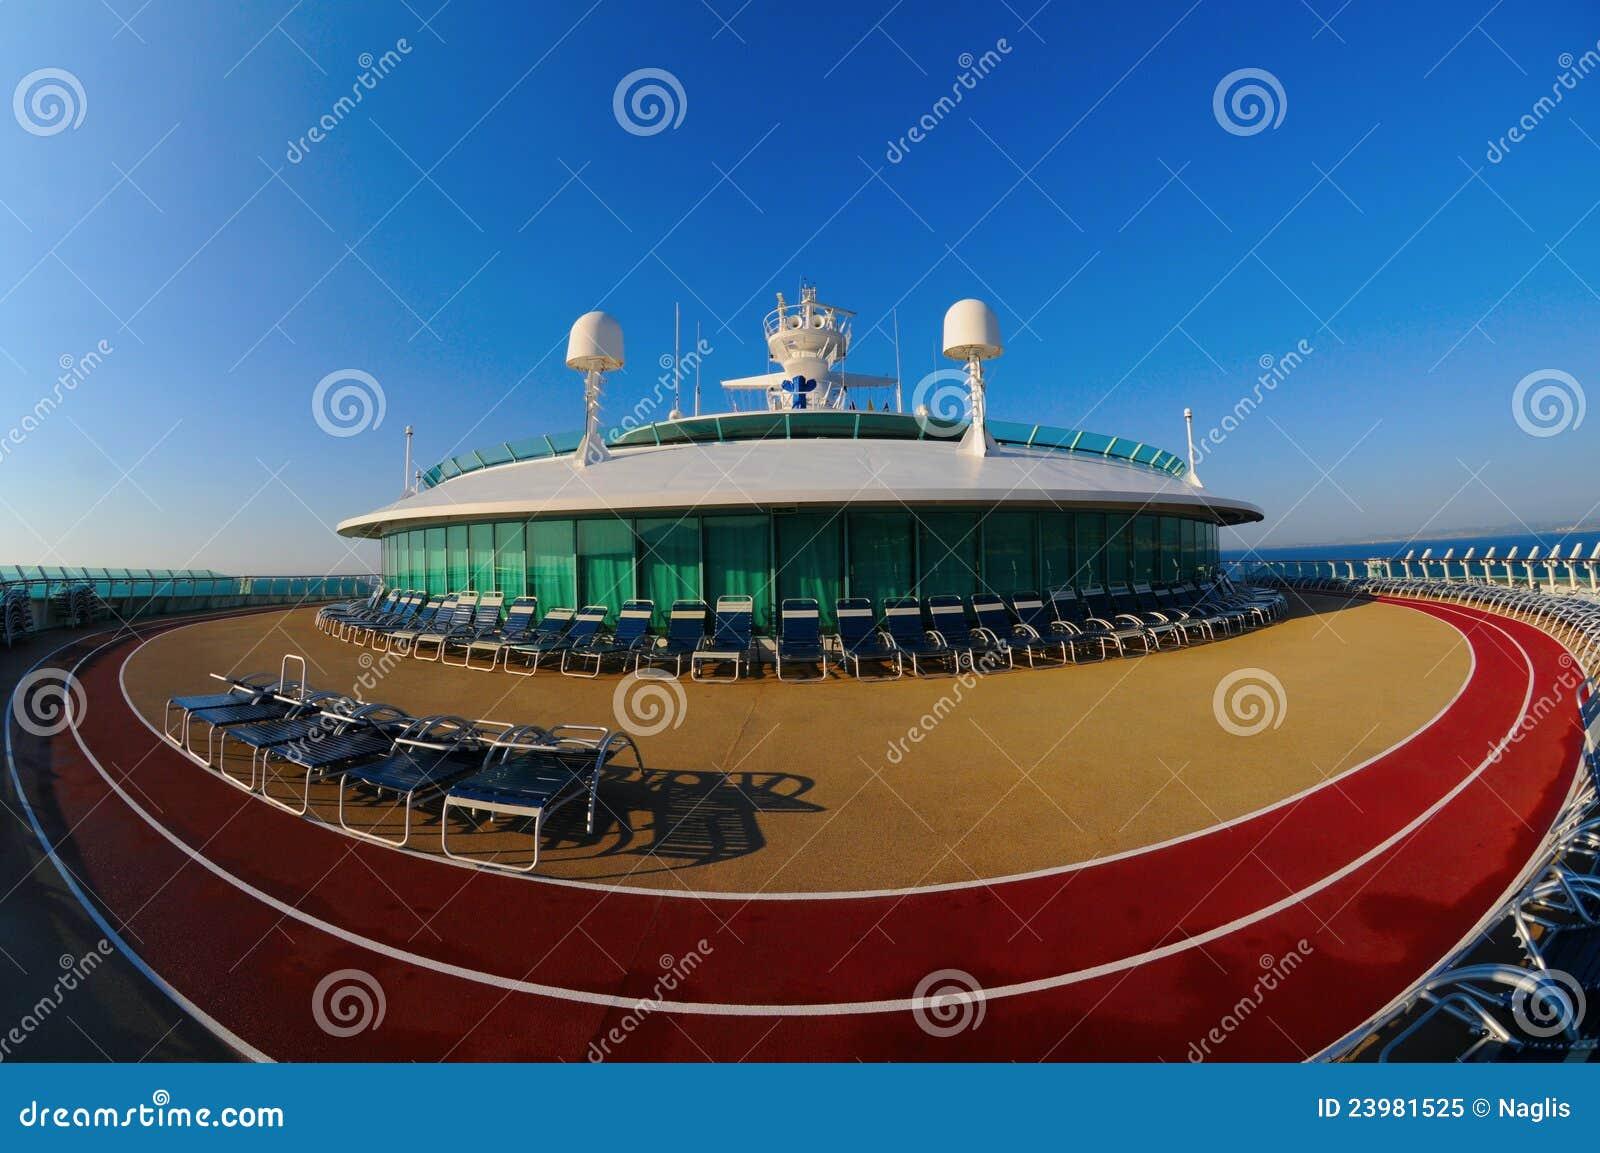 Cruise Ship Track Best Image Cruise Ship 2017